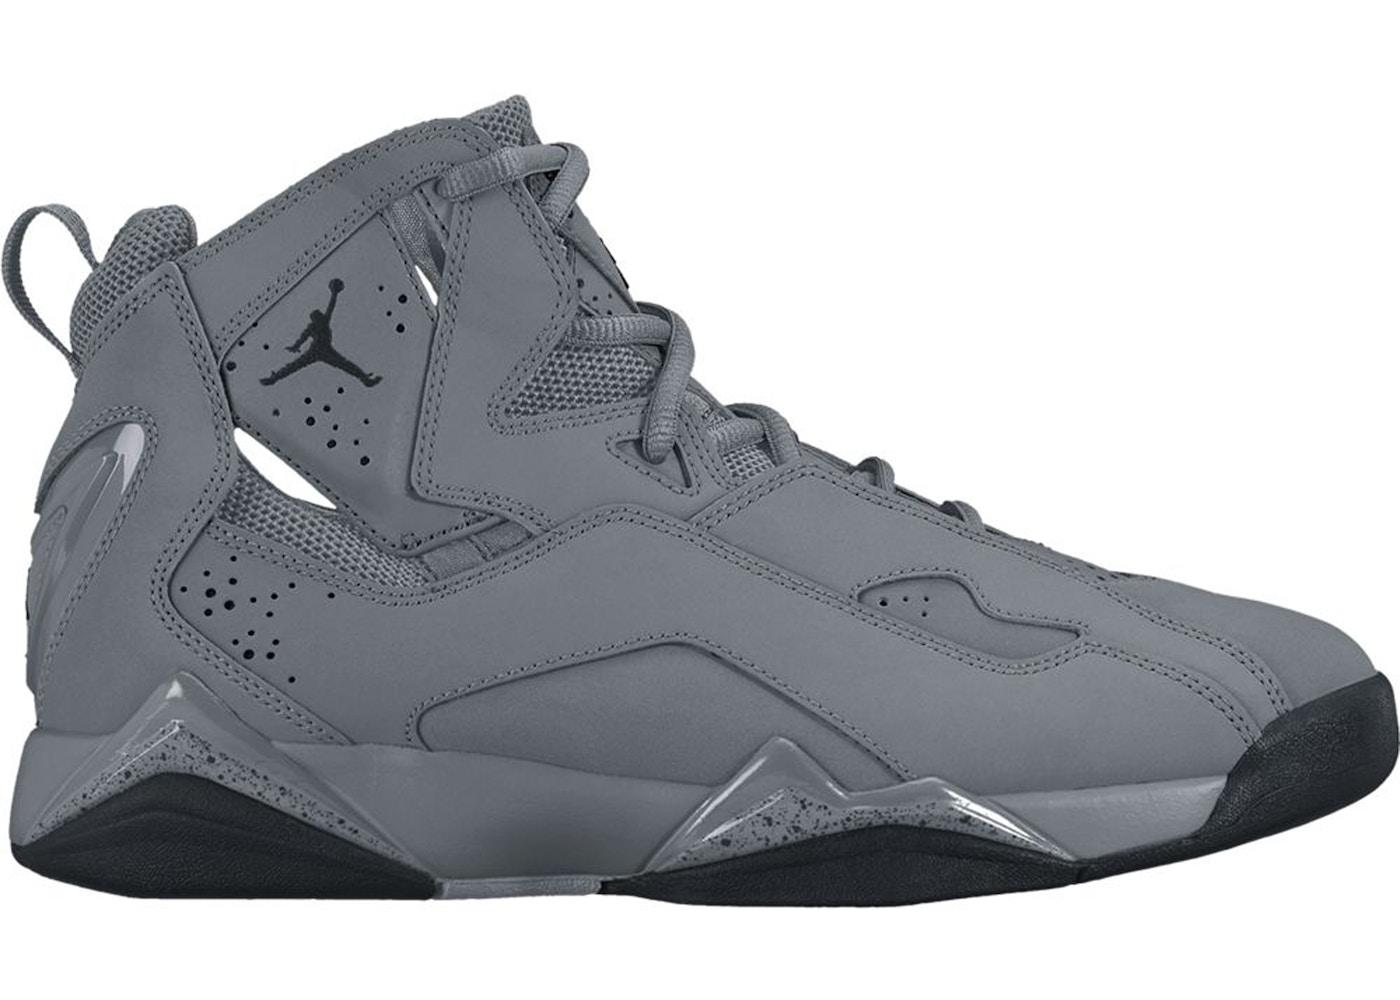 new style a2ec5 f71f1 Jordan True Flight Cool Grey Black